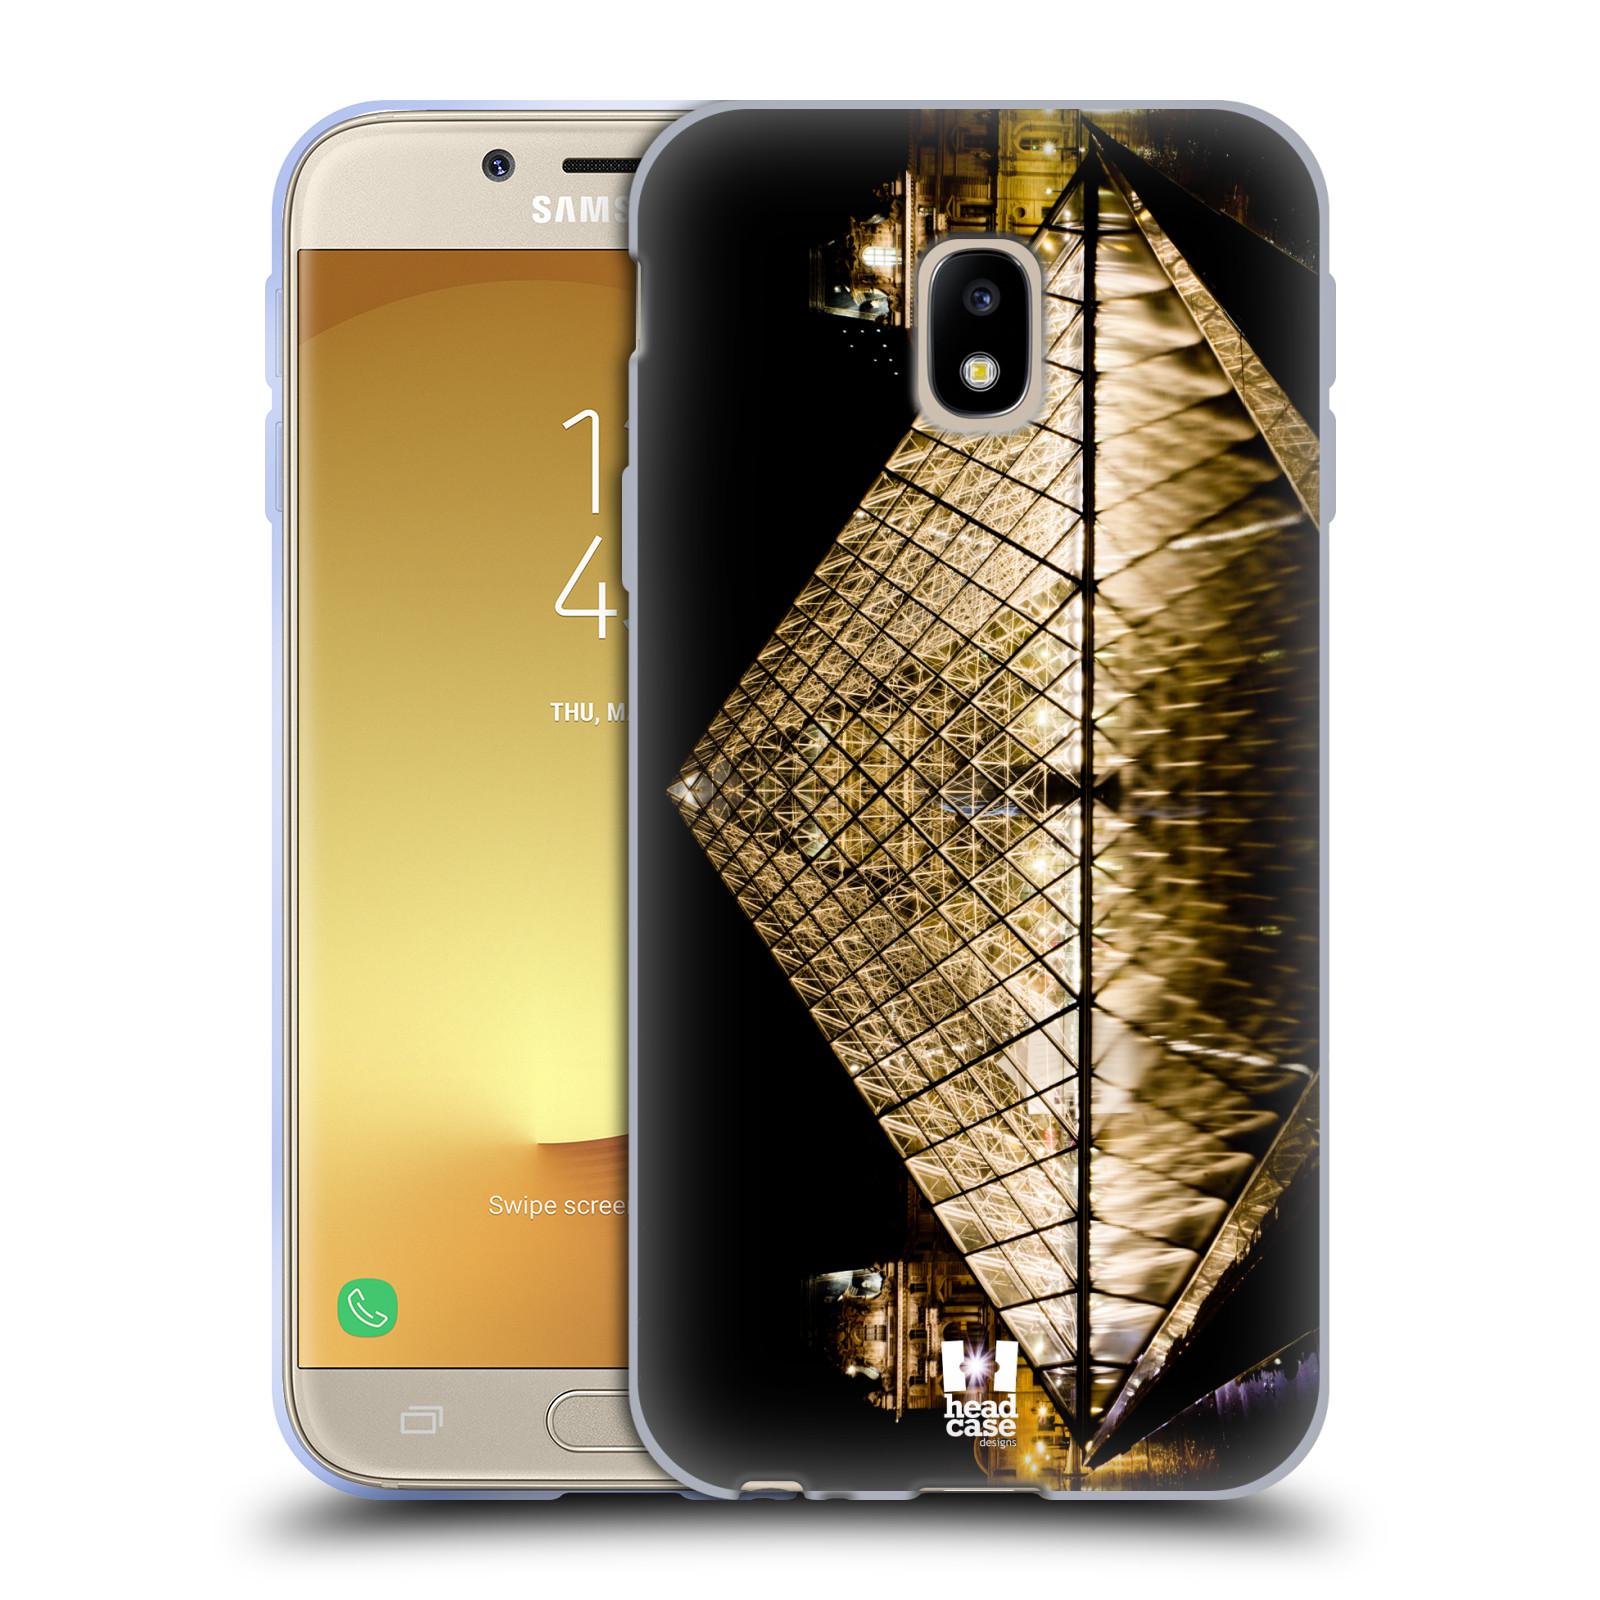 Case Designs famosos monumentos Suave HEAD Gel caso para SAMSUNG GALAXY J3 (2017)